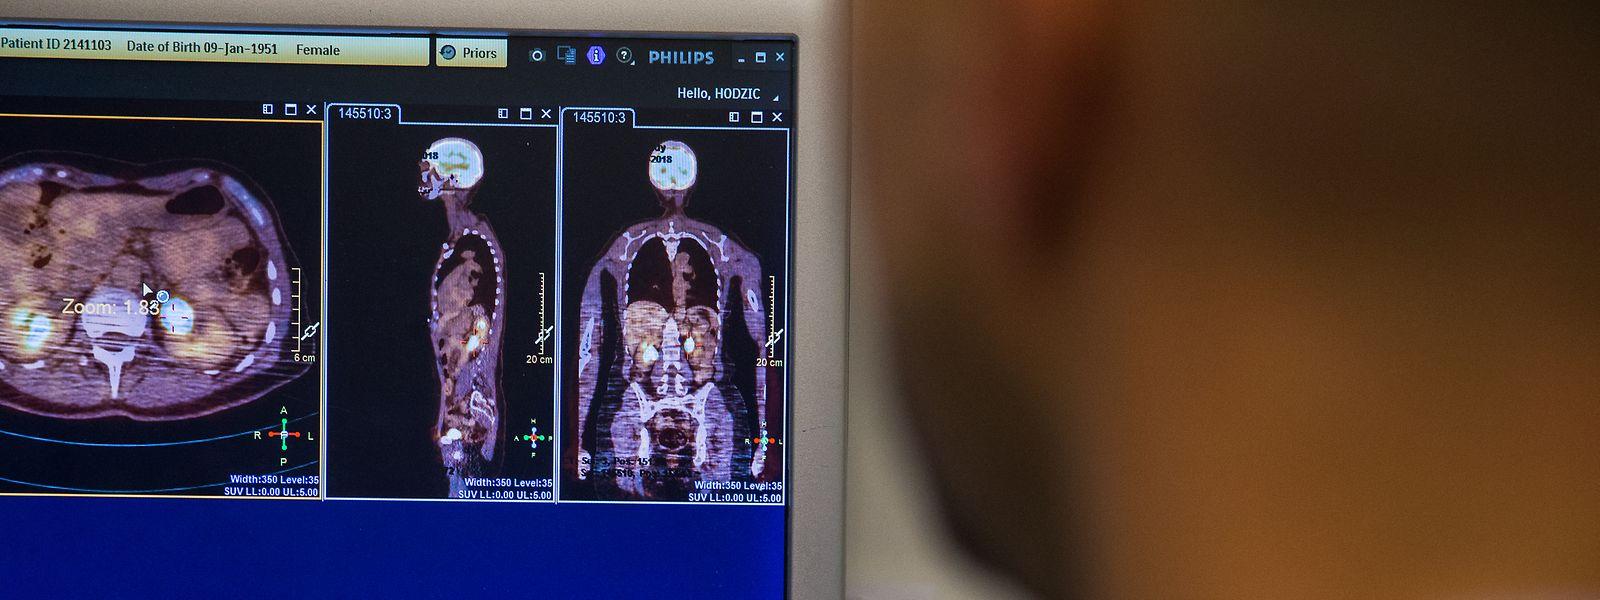 Mit dem CT-Scanner lassen sich sogenannte Milchglastrübungen auf der Lunge erkennen, die typisch für Covid-19 sind.